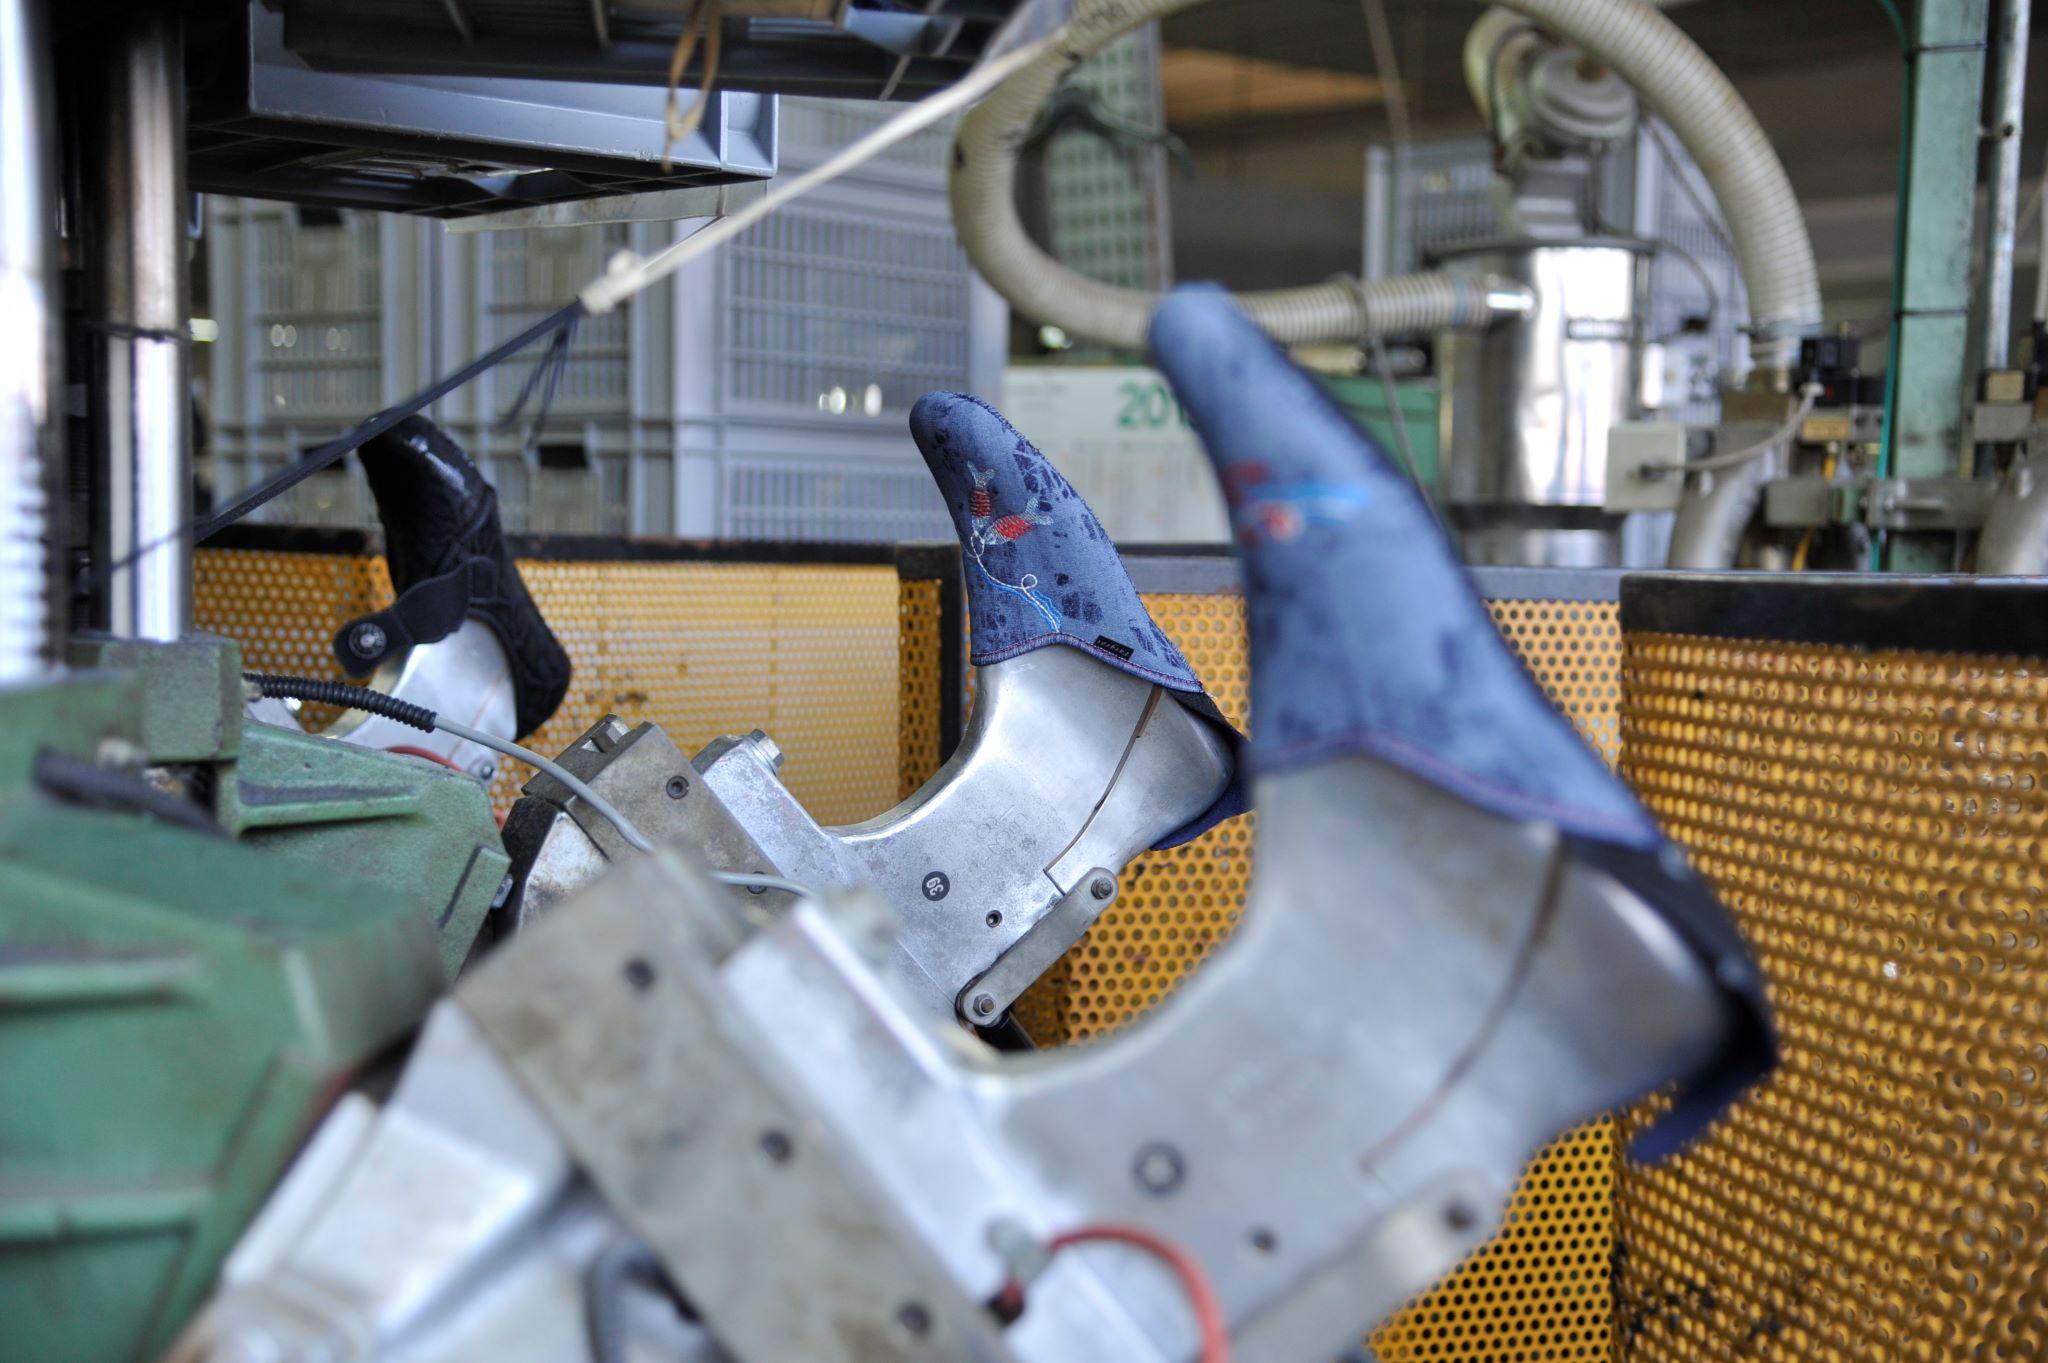 ligne de fabrication artisanale de chaussons